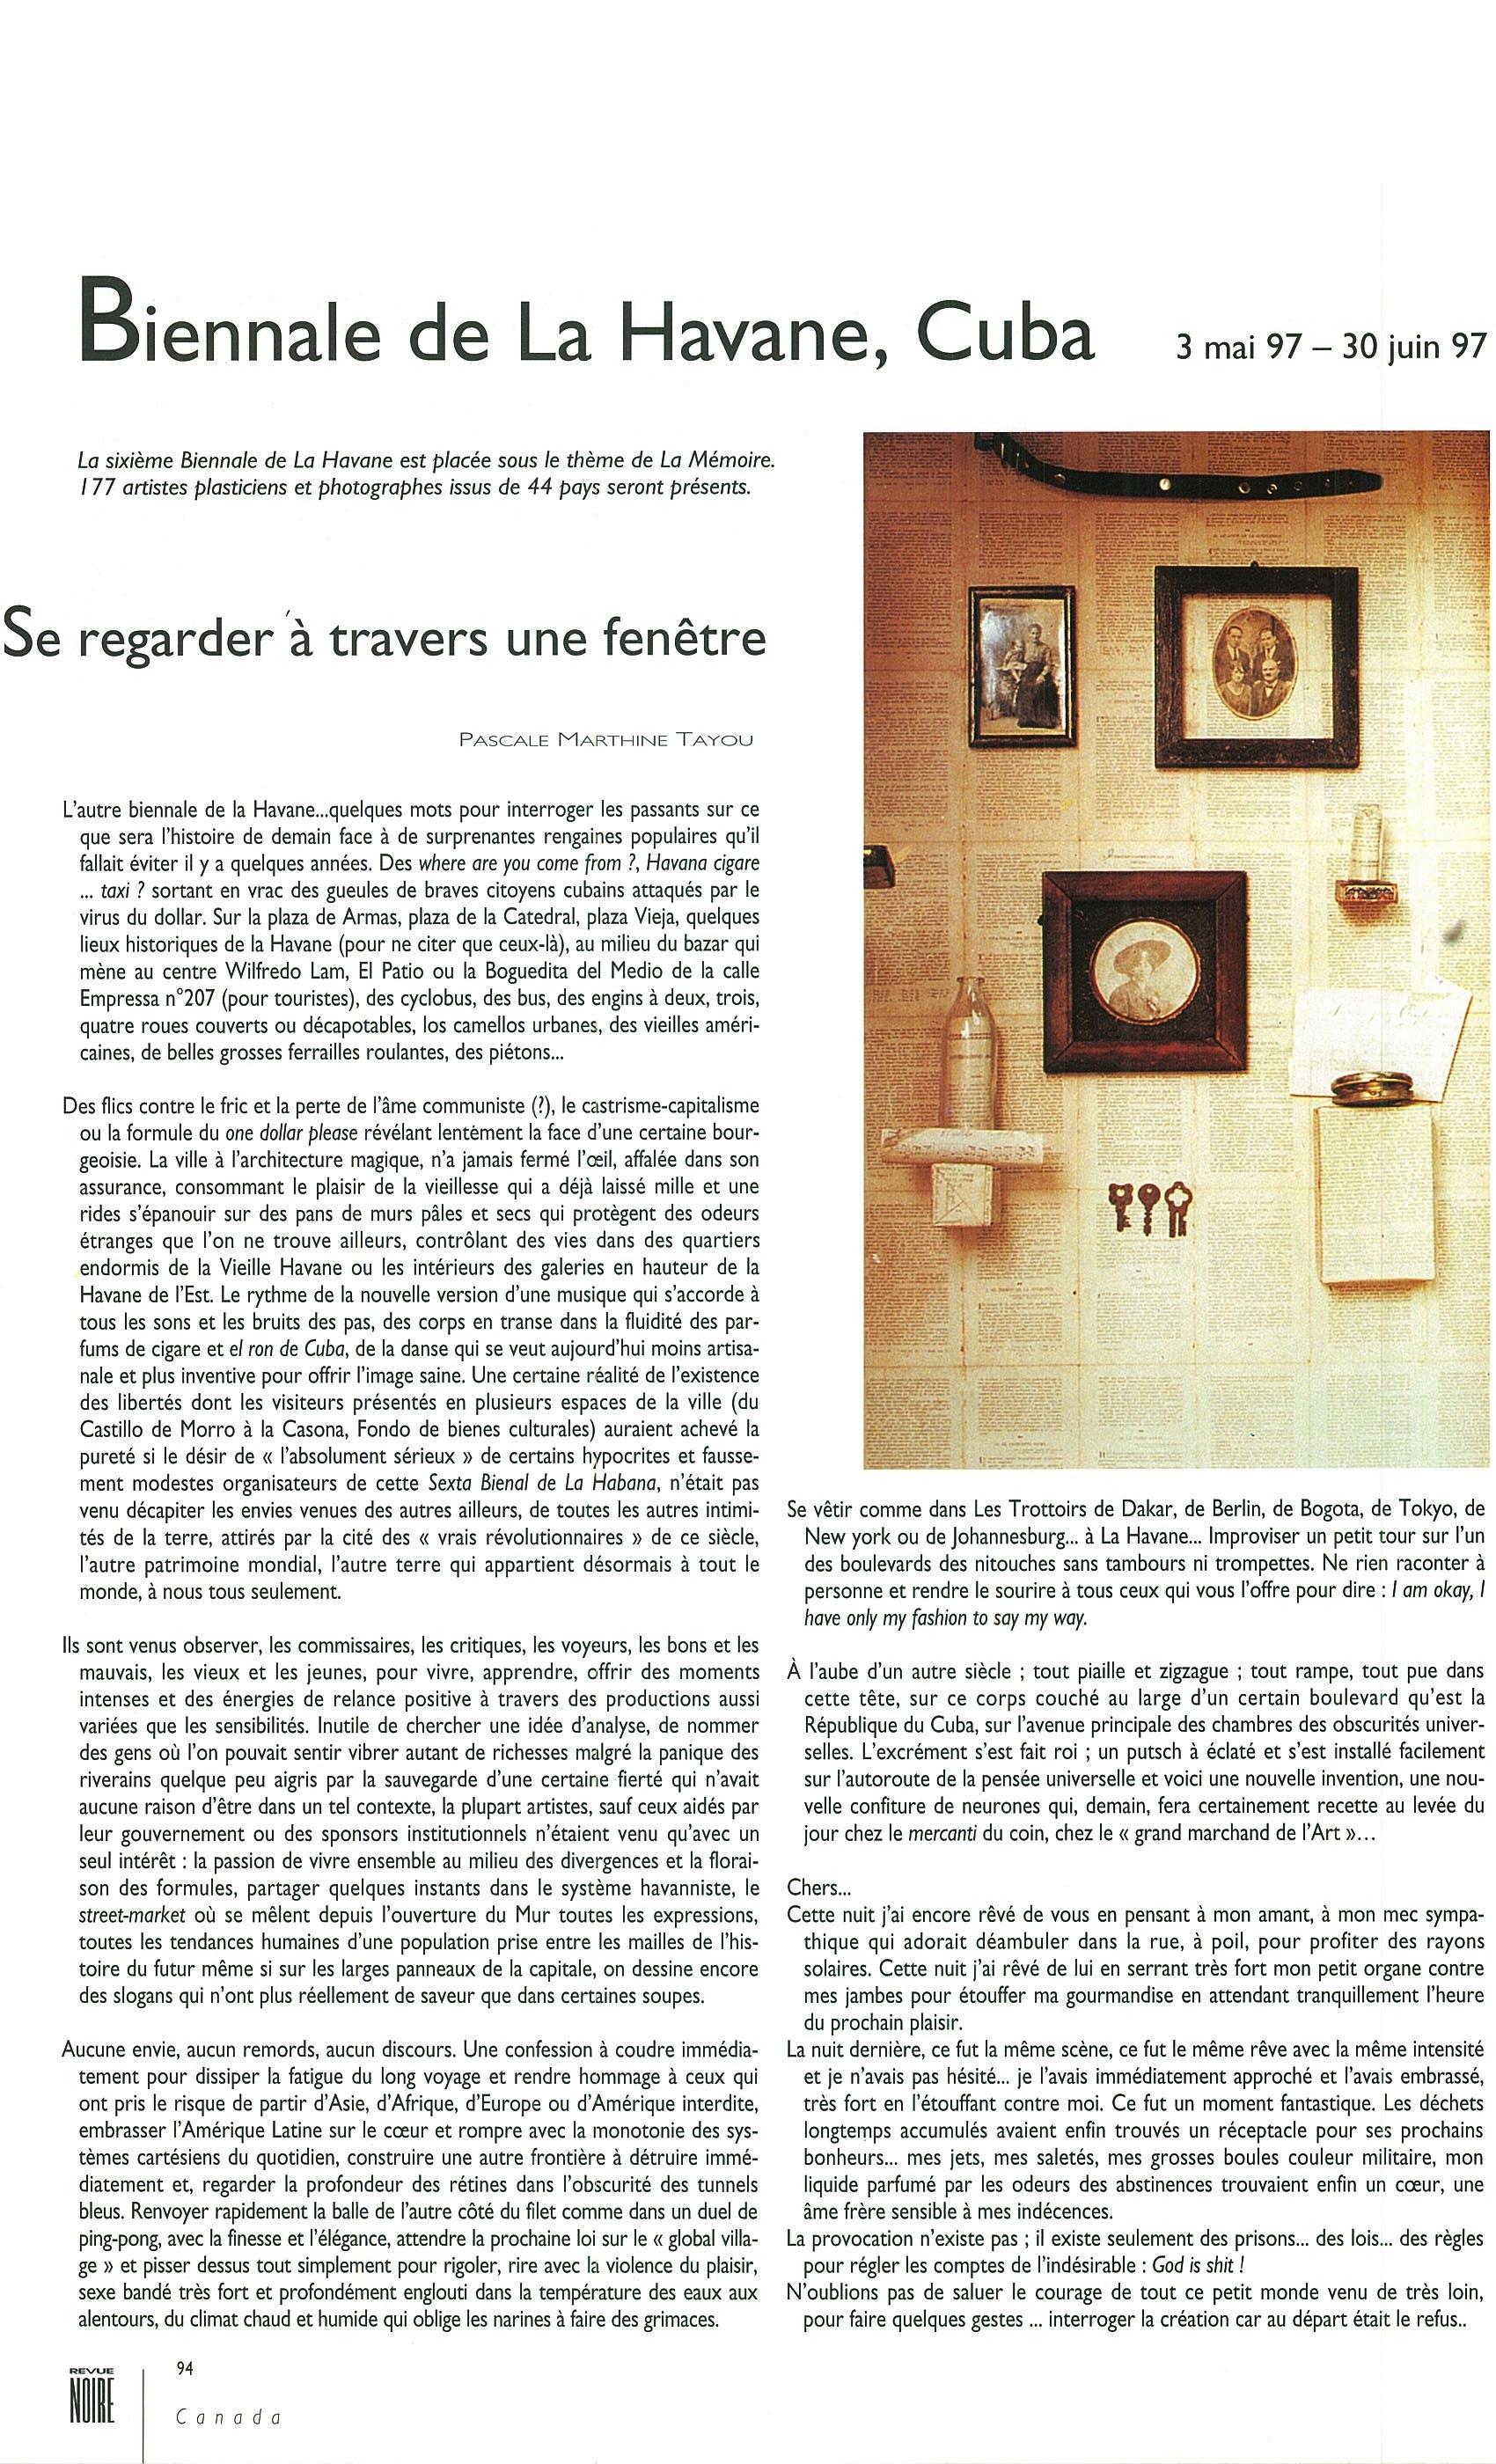 2. Revue Noire book_Page_096